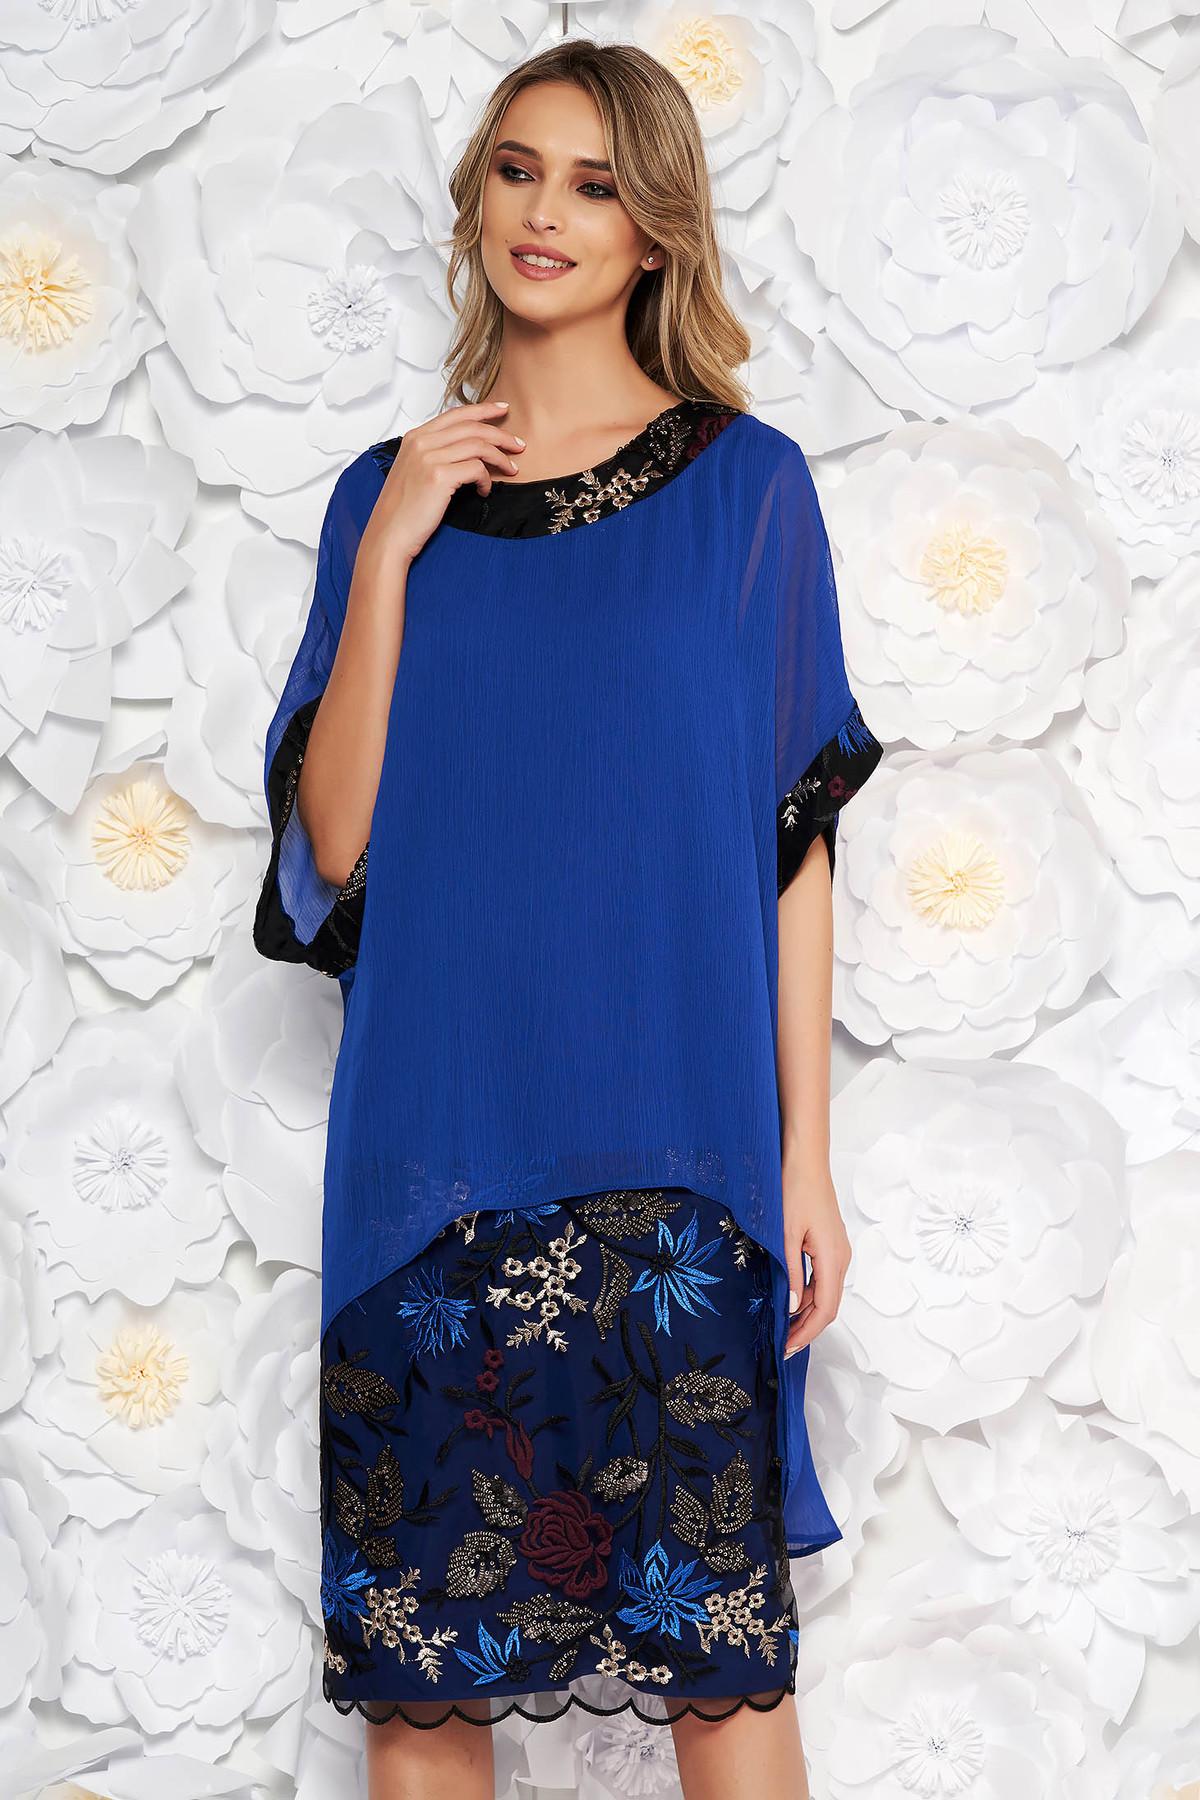 Compleu albastru elegant cu rochie cu un croi drept suprapunere cu voal cu insertii de broderie